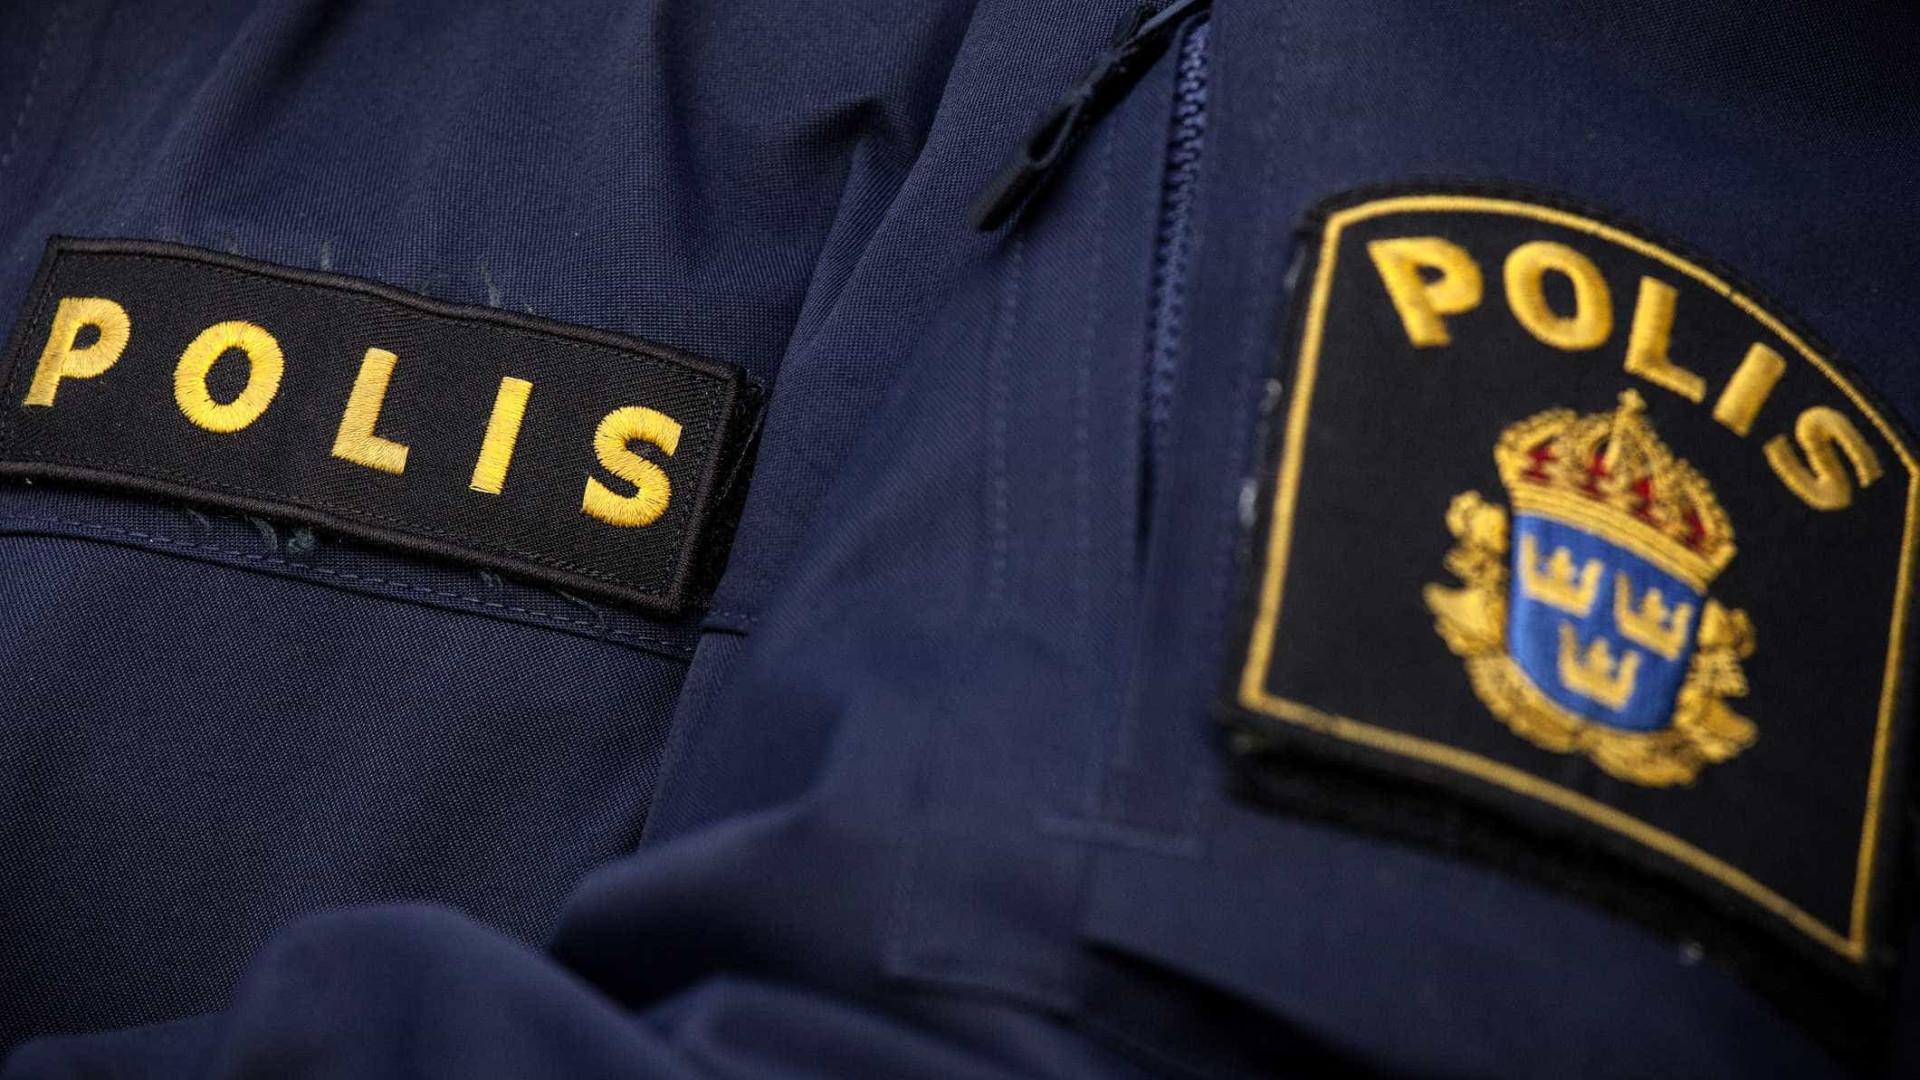 Suécia vai investigar casos de adoções internacionais desde 1950